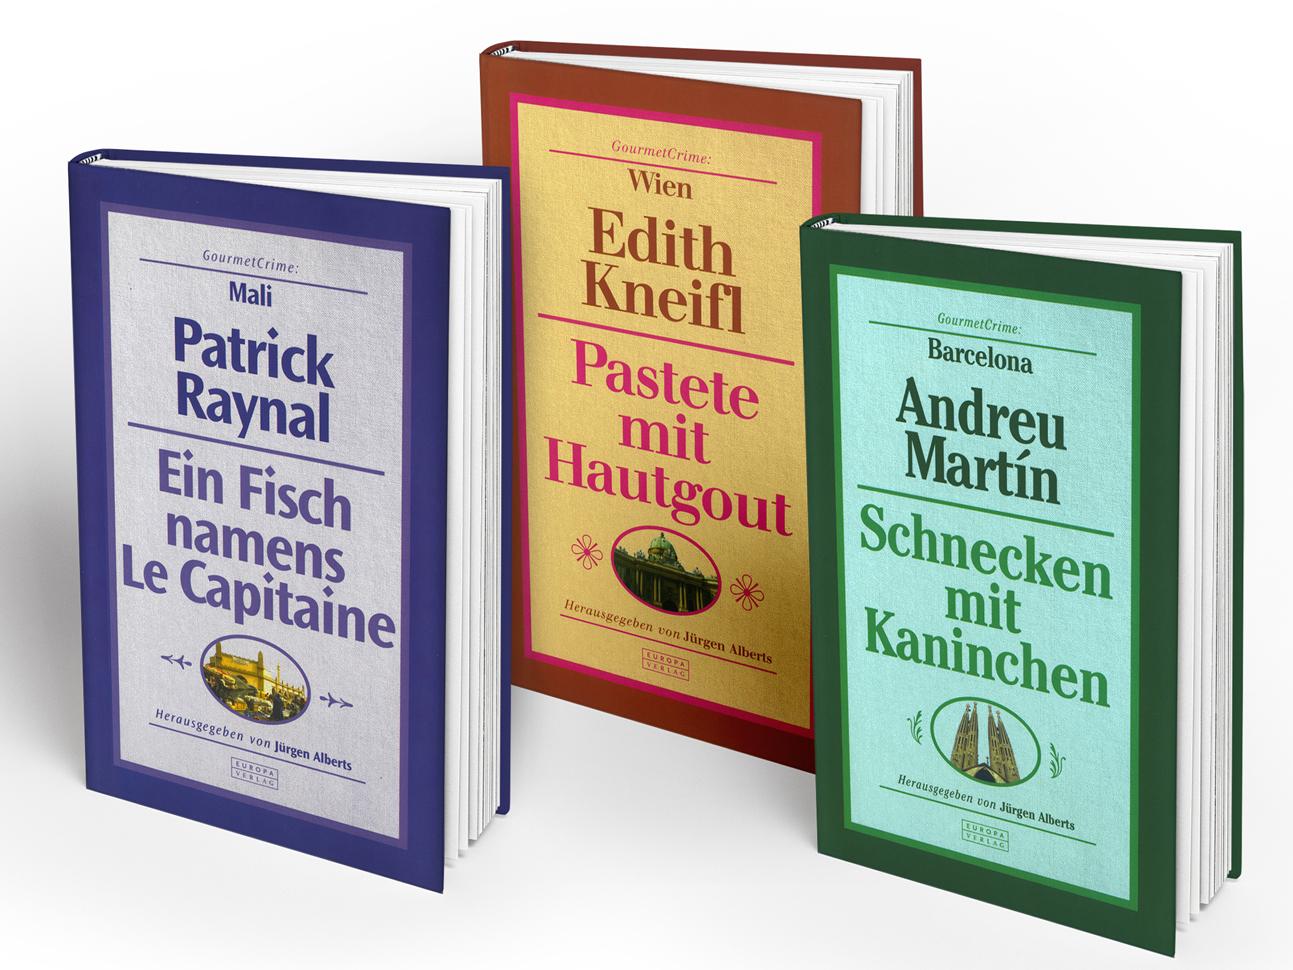 martin_zech_design_buchcovergestaltung_europa_verlag_gourmet_crime_editzh_kneifl_andreu_martin_patrick_raynal